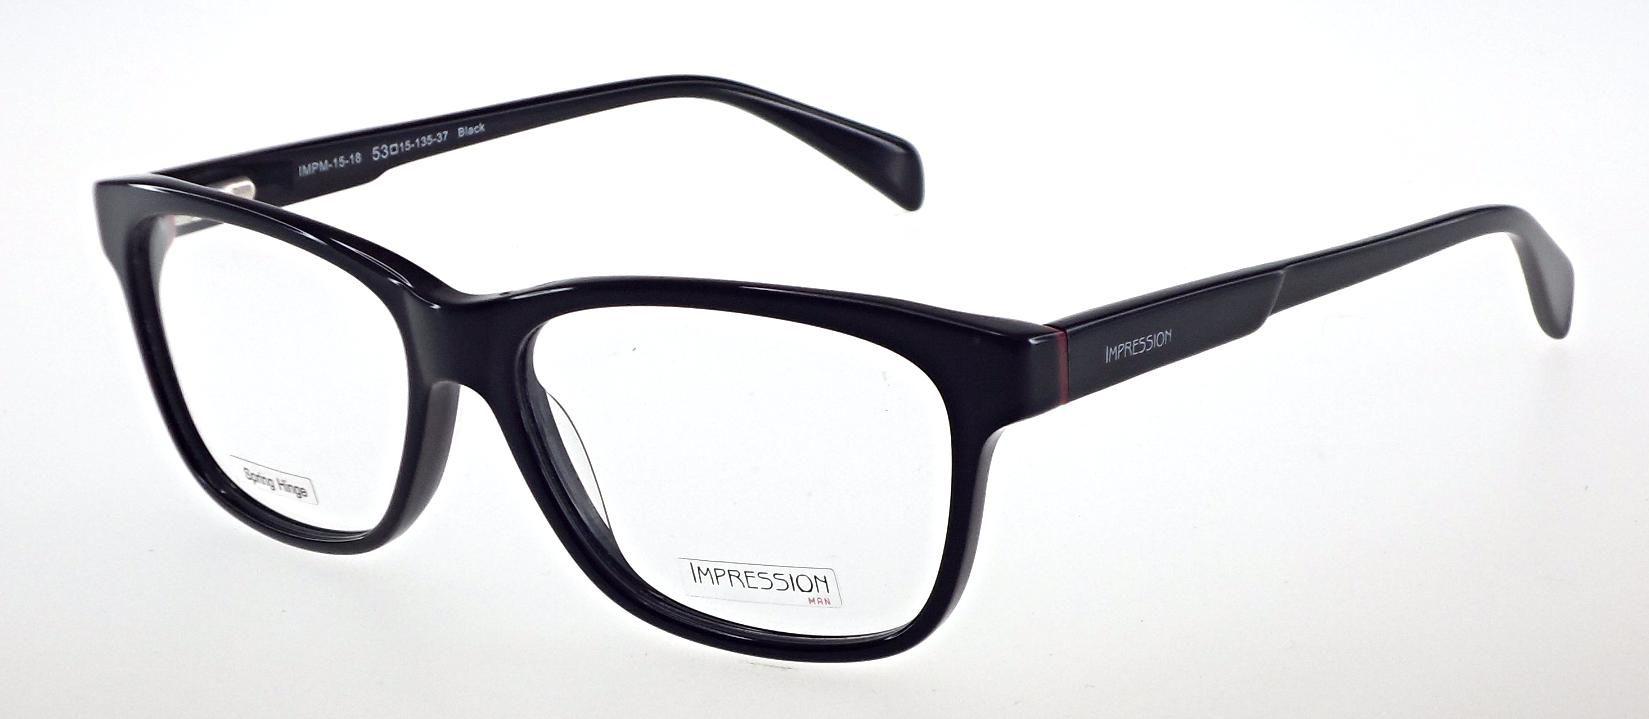 f477c57f27 Men s Eyeglass Frames - Designer Eyeglasses for Men